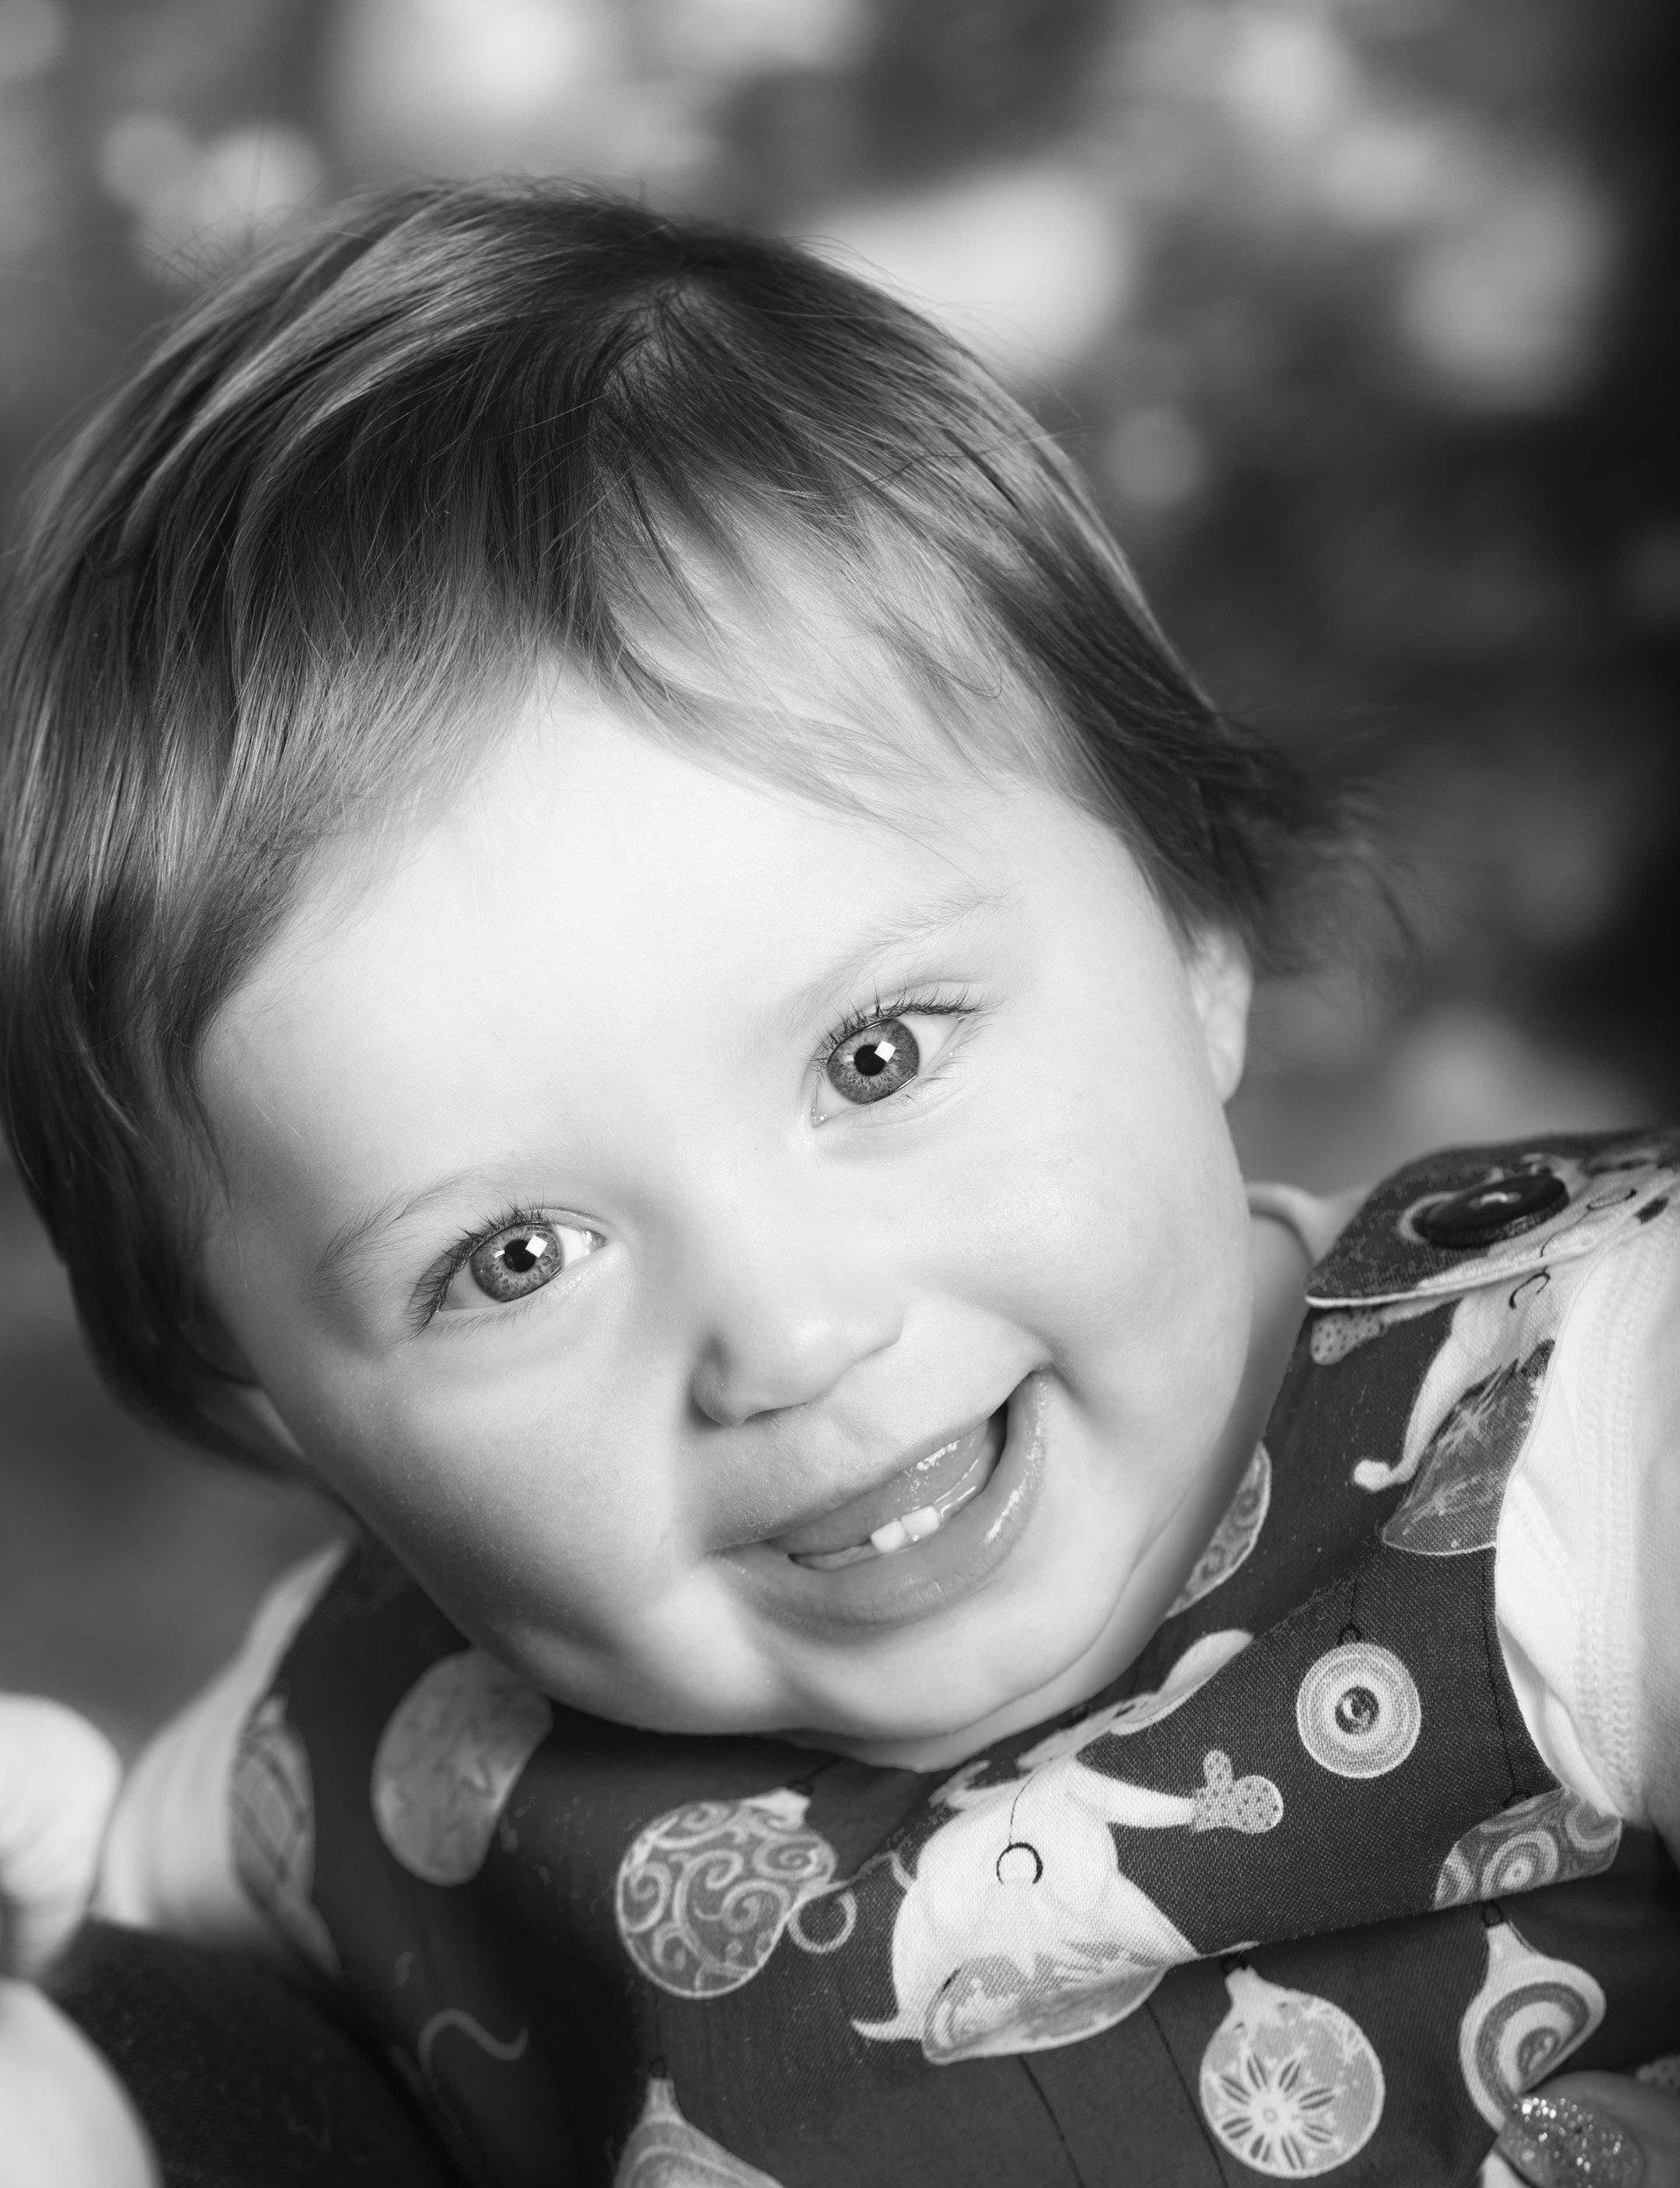 Newborn portrait in County Durham